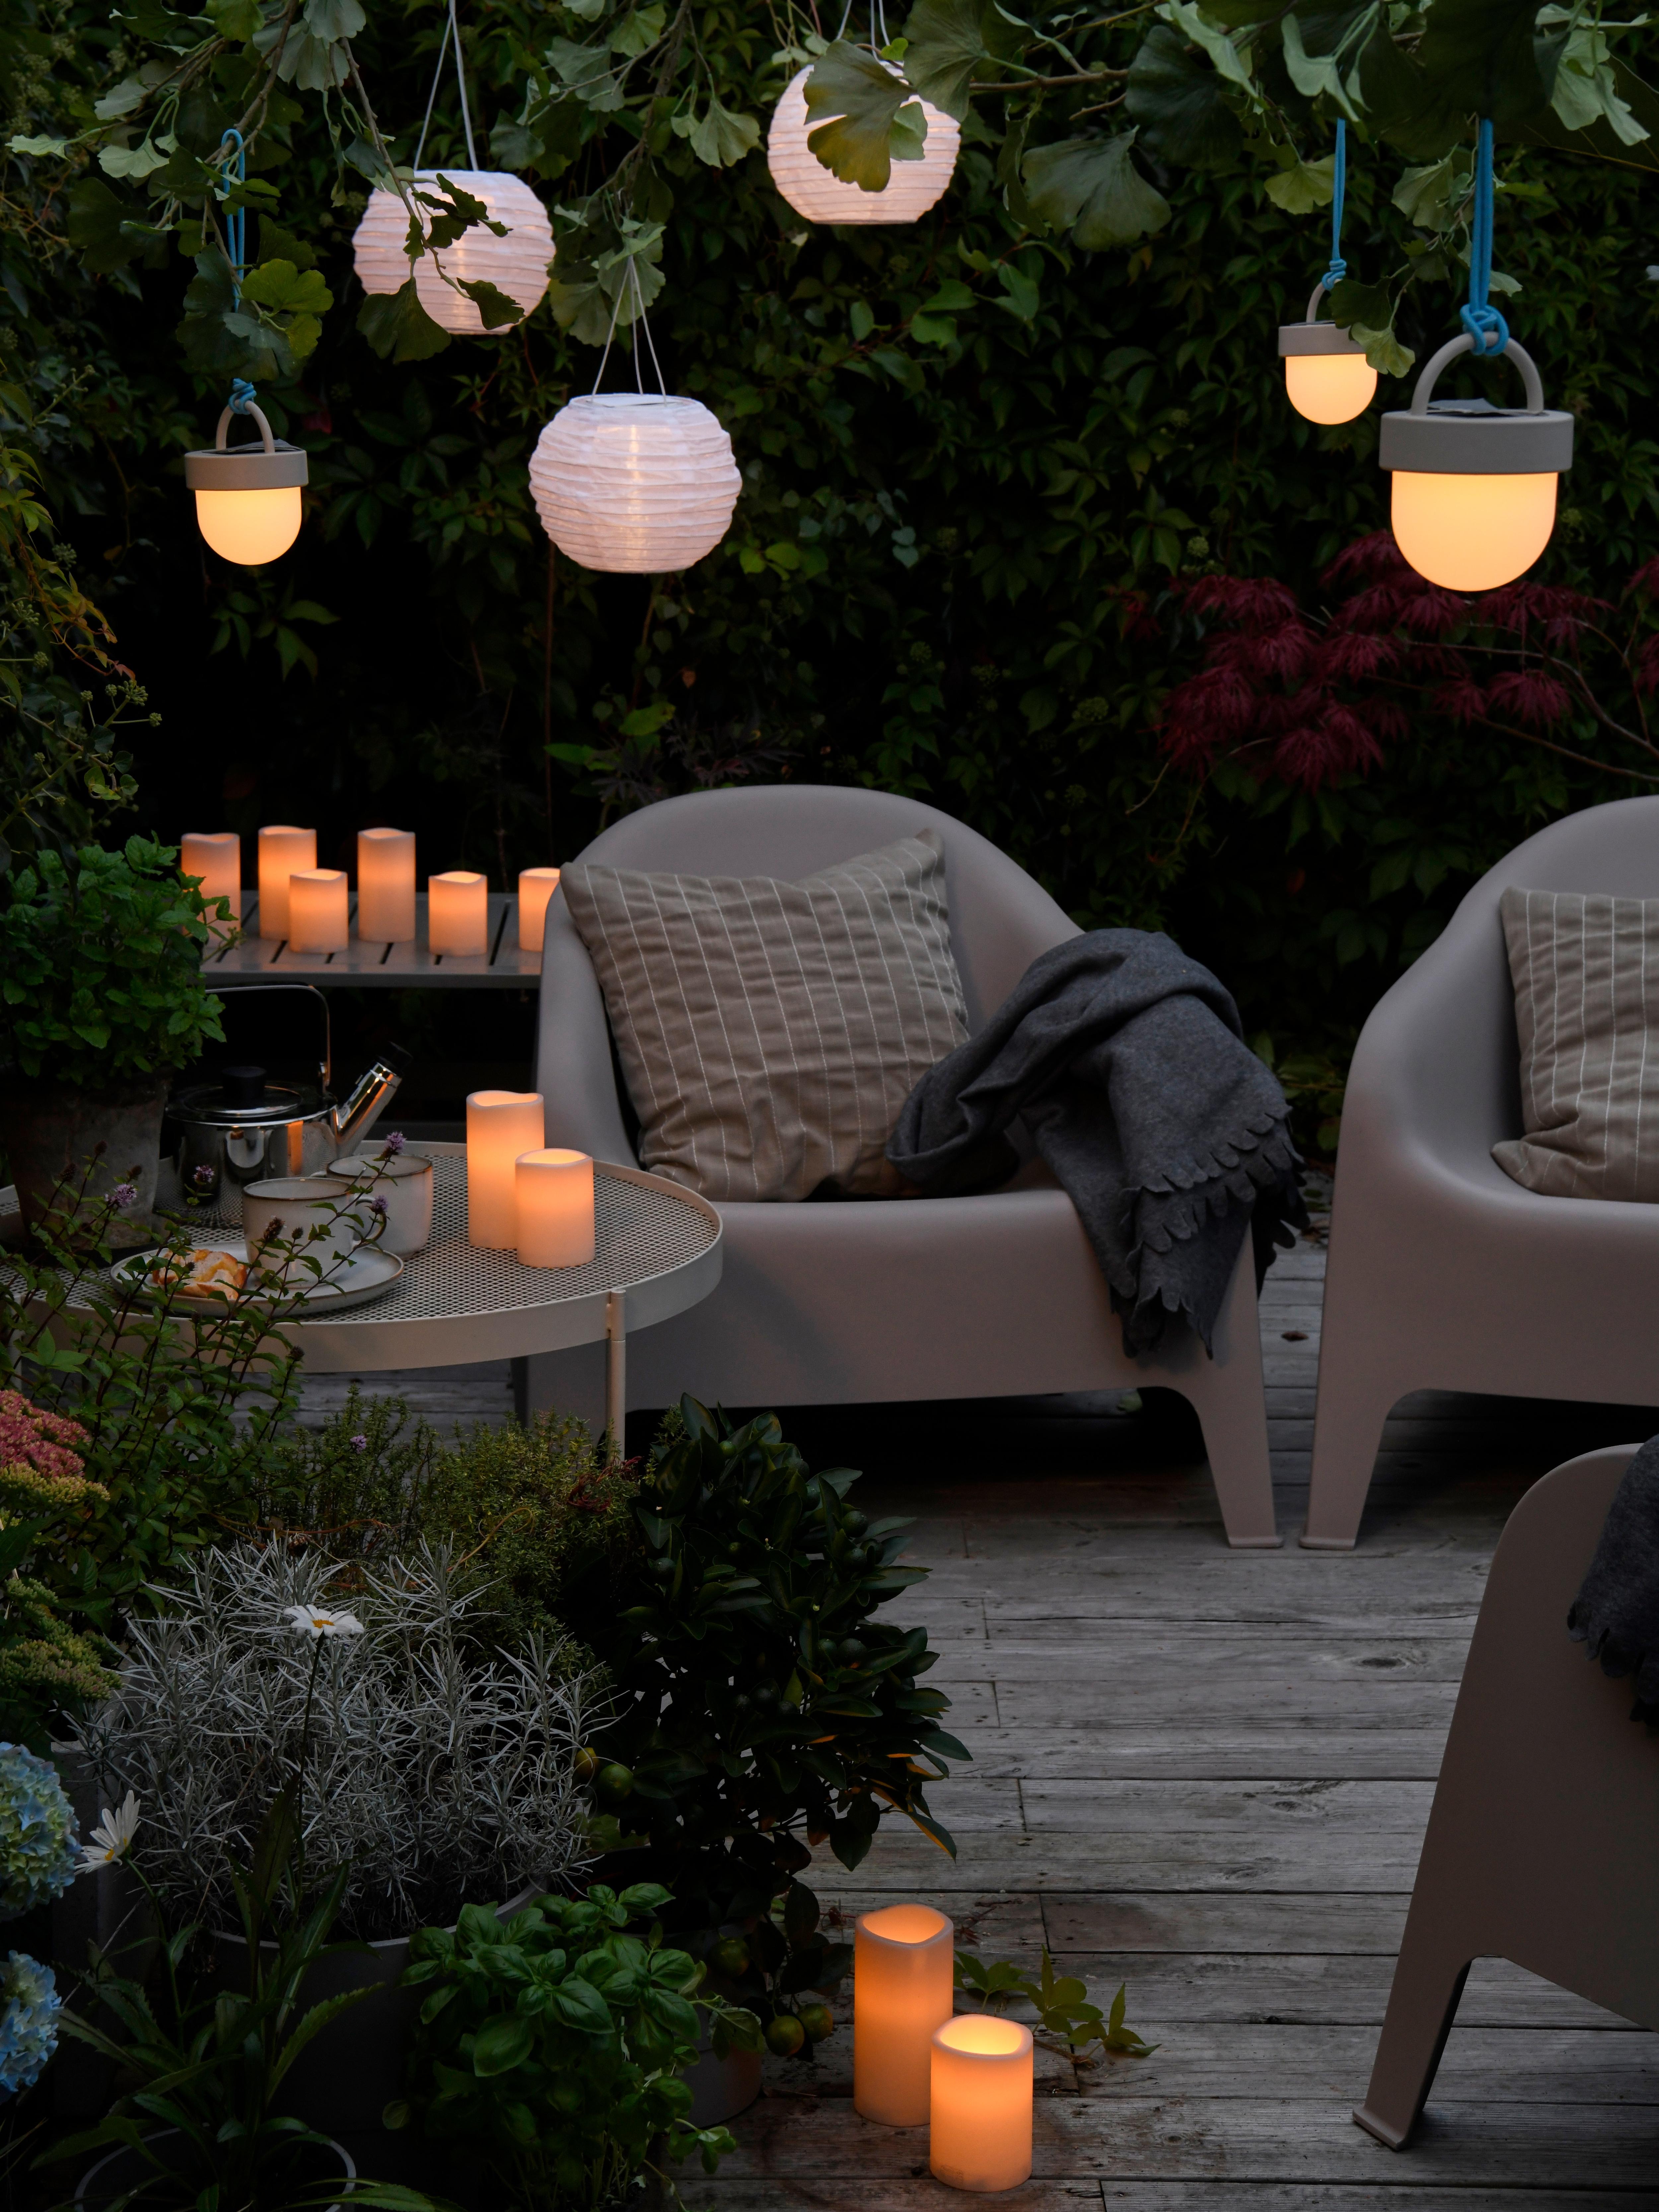 Eserlekua patio batean eguneko azken argian, GODAFTON LED kandelak eta eguzki LED lanparak zintzilikatuta.